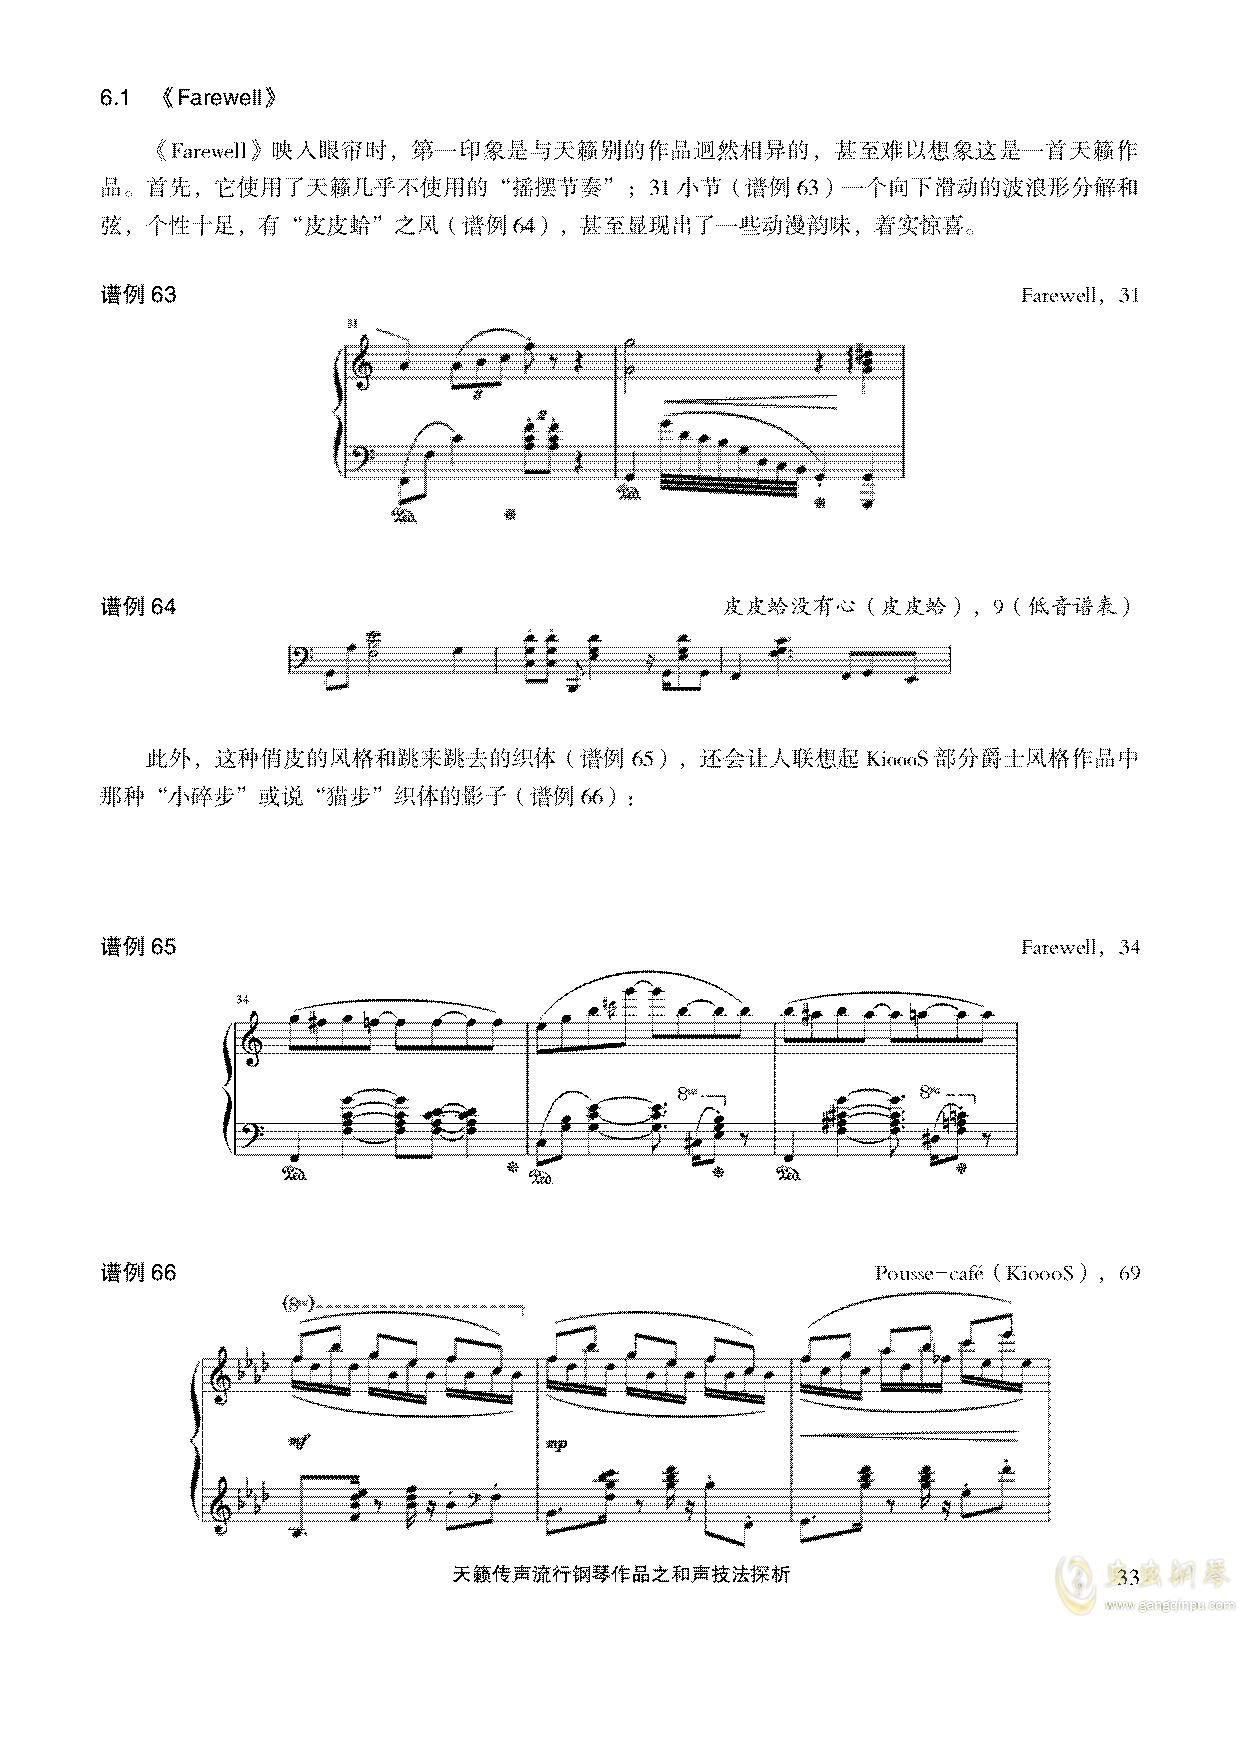 天籁传声和声技法探析澳门星际官网 第33页